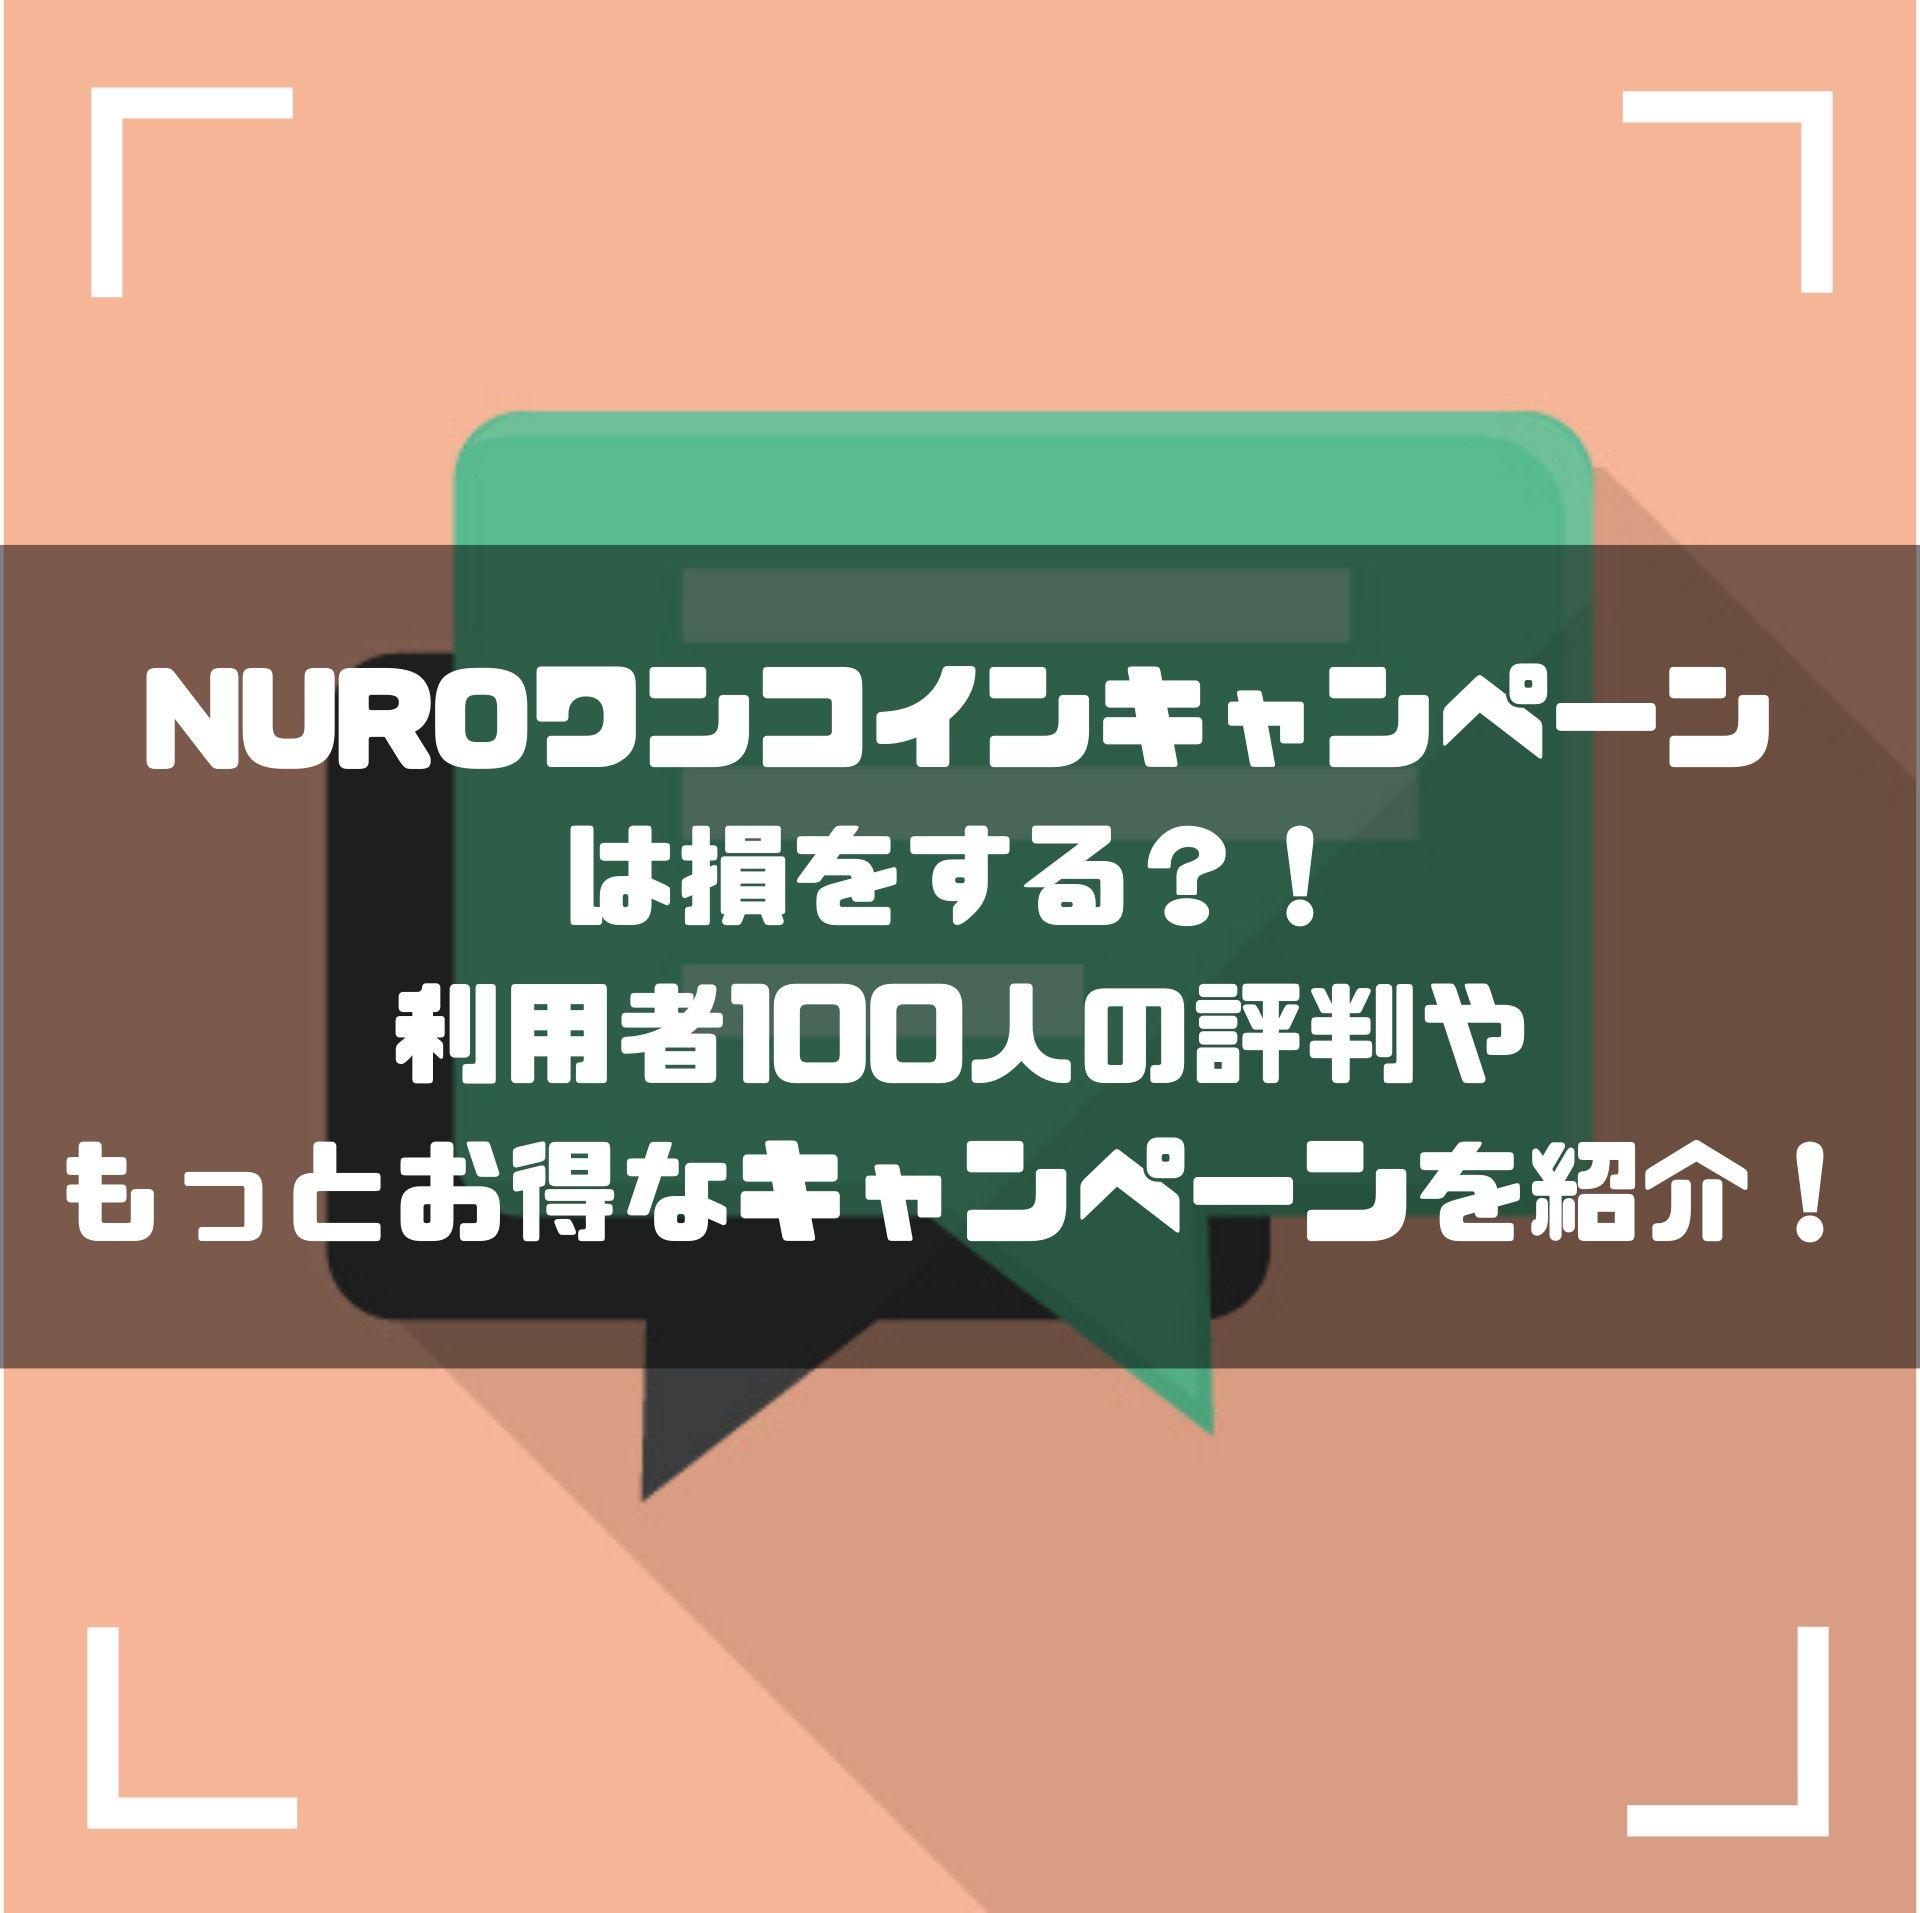 騙されるな!NUROワンコインキャンペーンは損する?利用者100人の口コミからわかるリアルな評判ともっとお得なキャンペーン紹介!